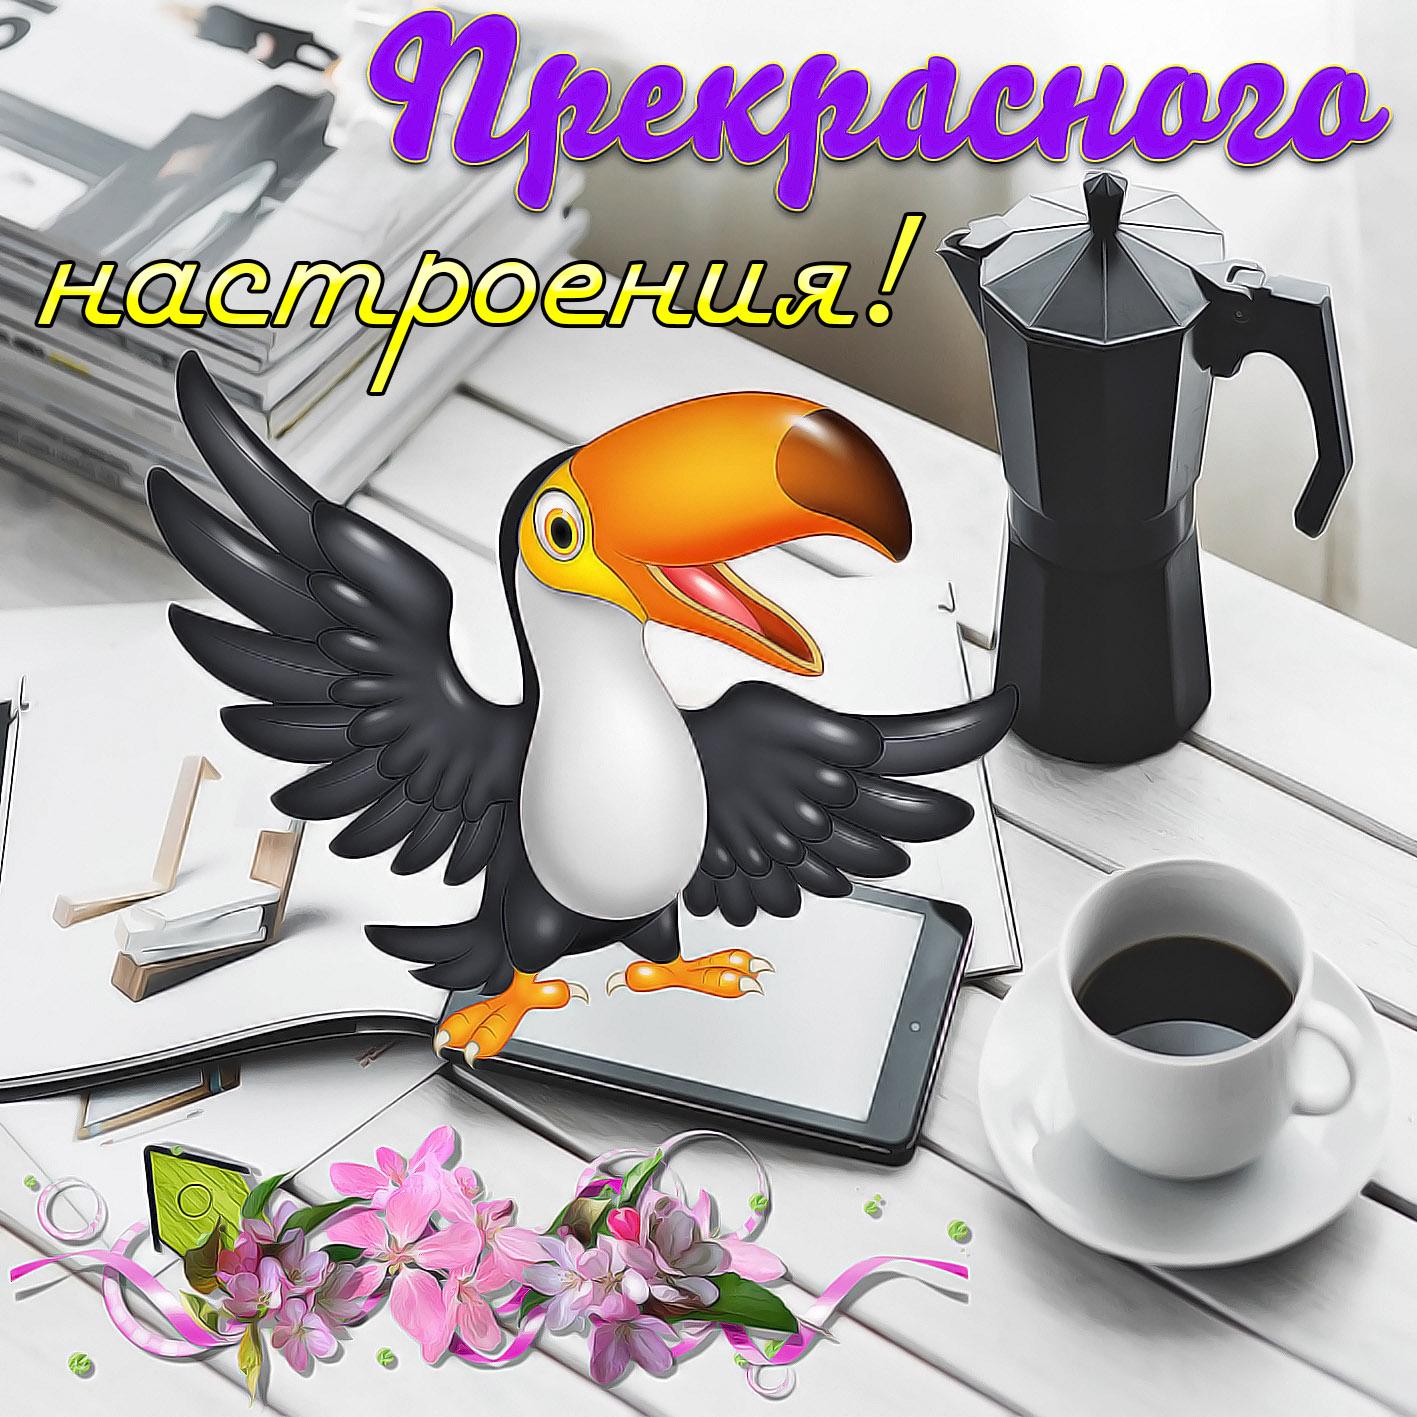 Открытка прекрасного настроения с красивой птичкой на столике